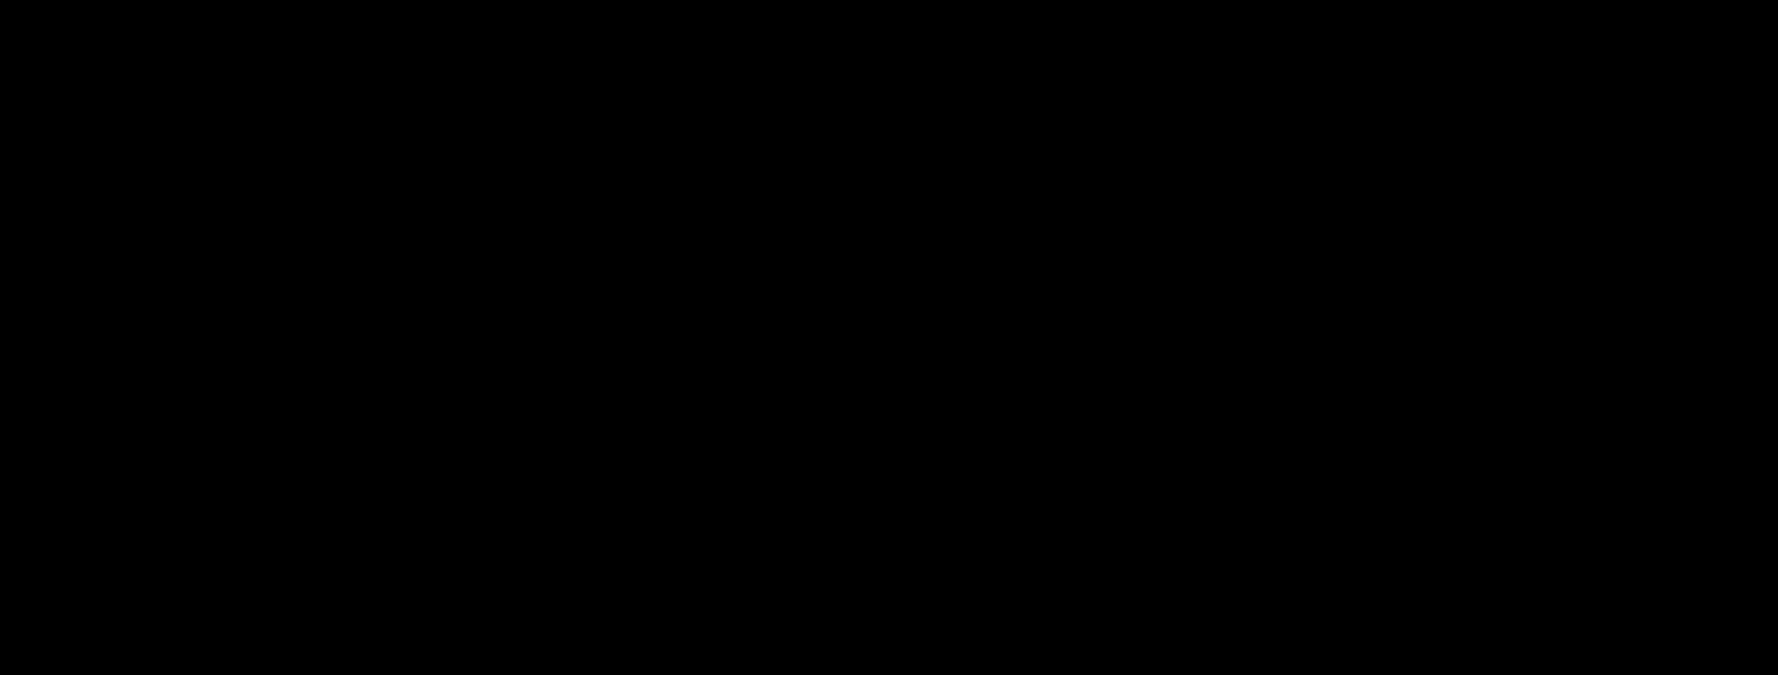 Toniid.de kriptografi